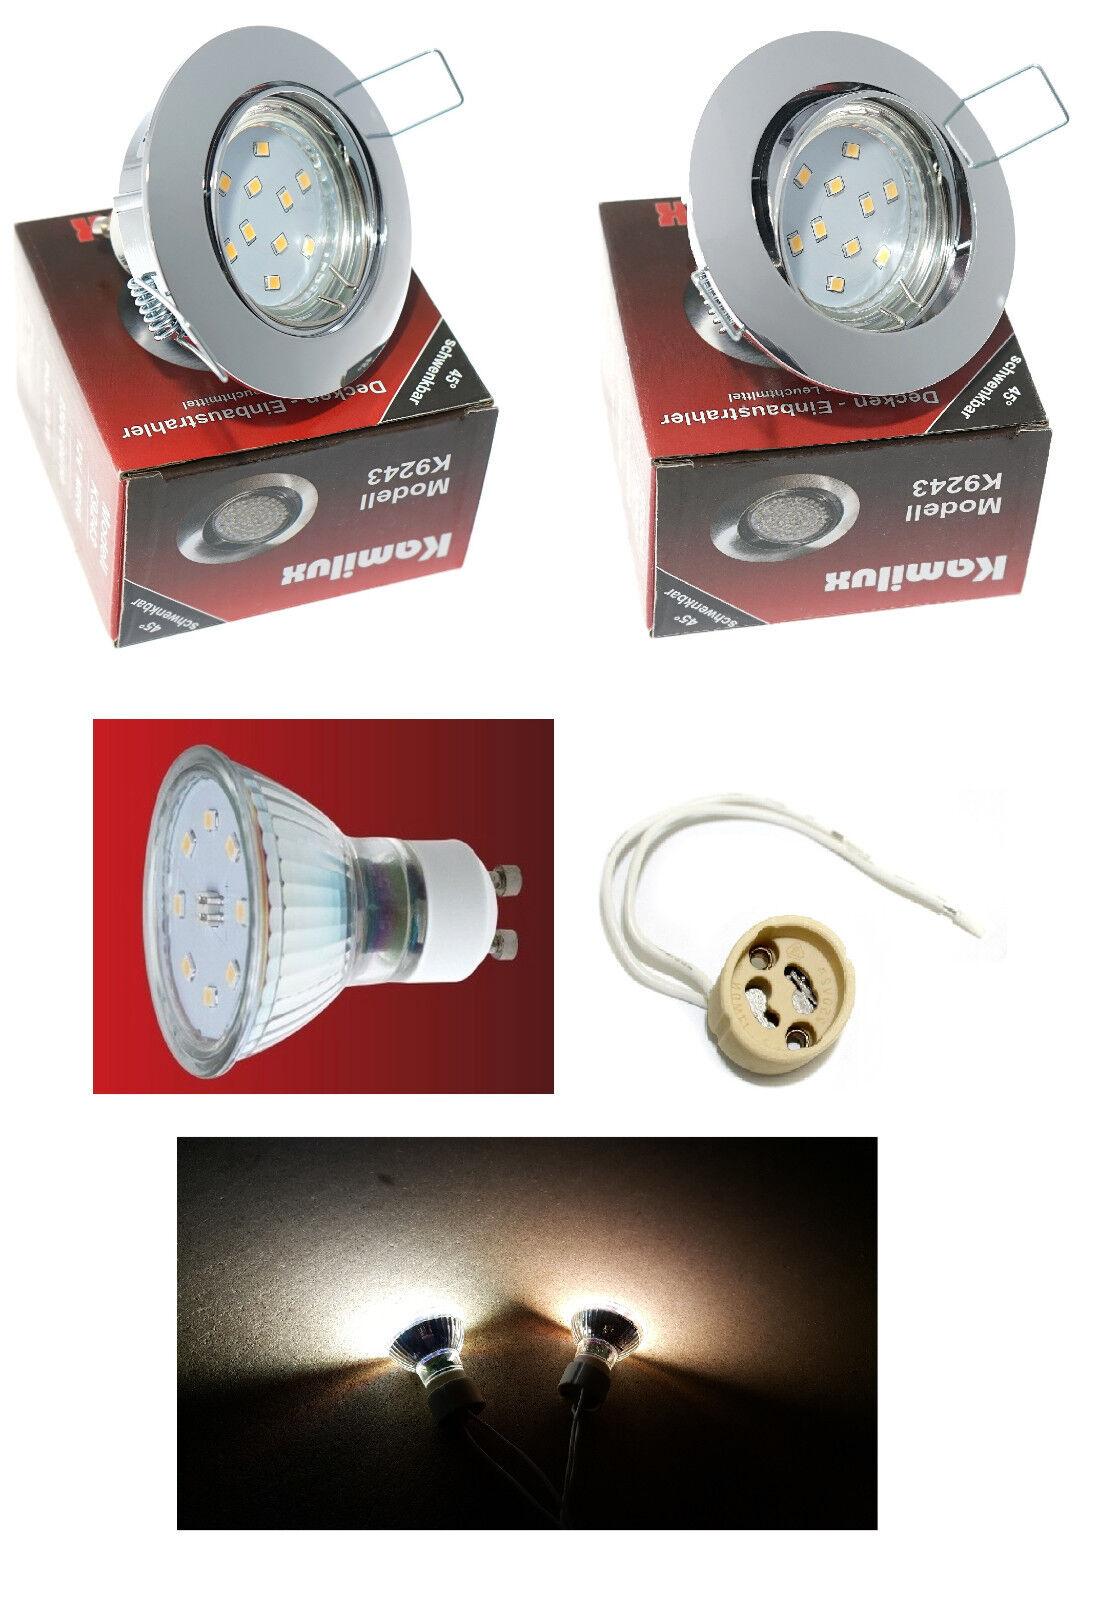 Flureinbaustrahler SMD LED Lisa Chrom Gläntzend 5W = 50W schwenkbar 230V